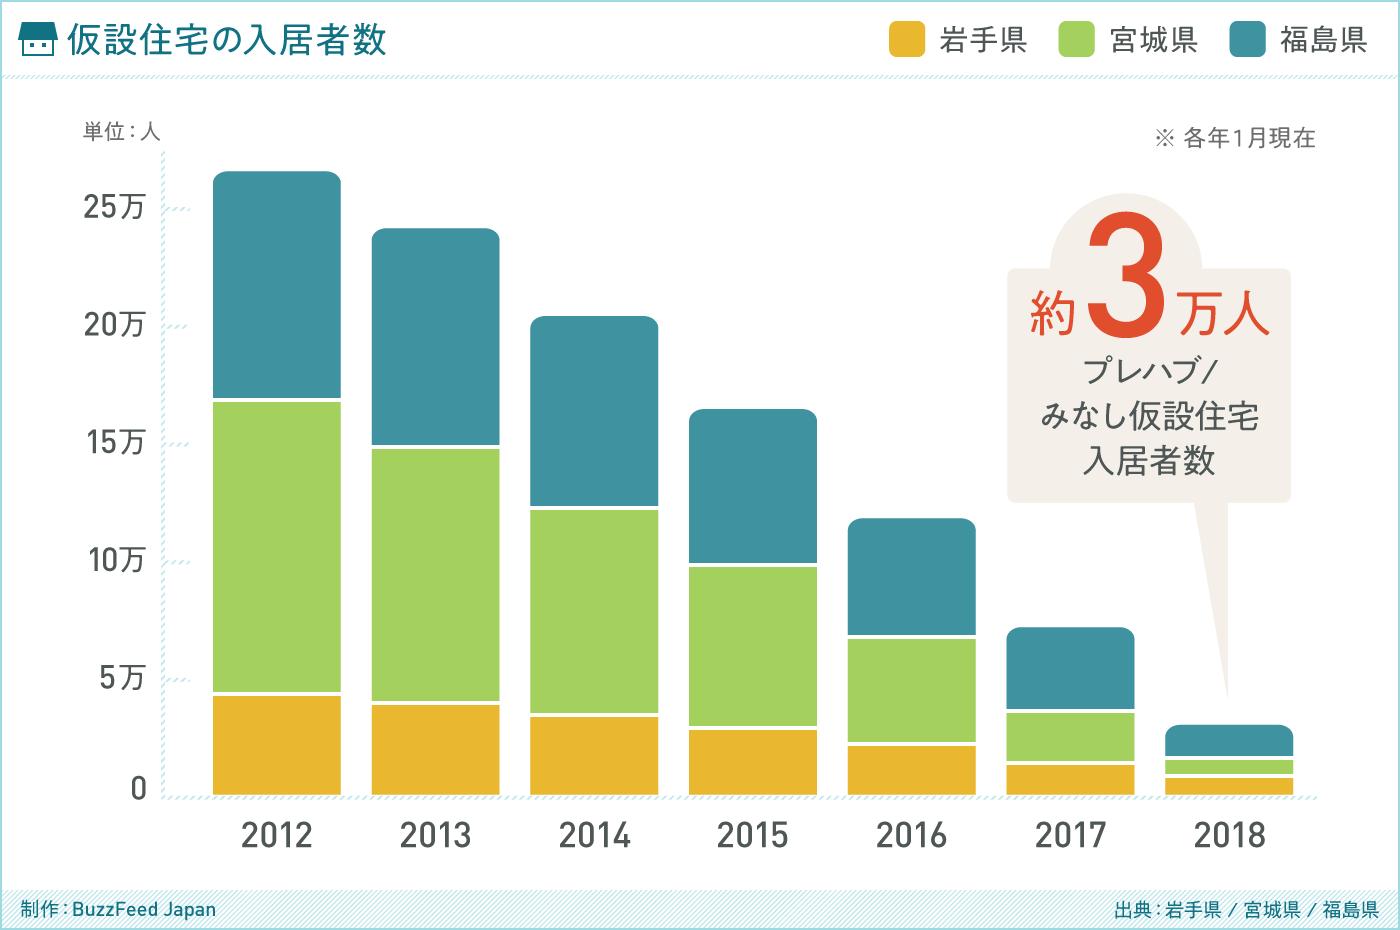 グラフ 仮設住宅の入居者数(出典:岩手県 / 宮城県 / 福島県)